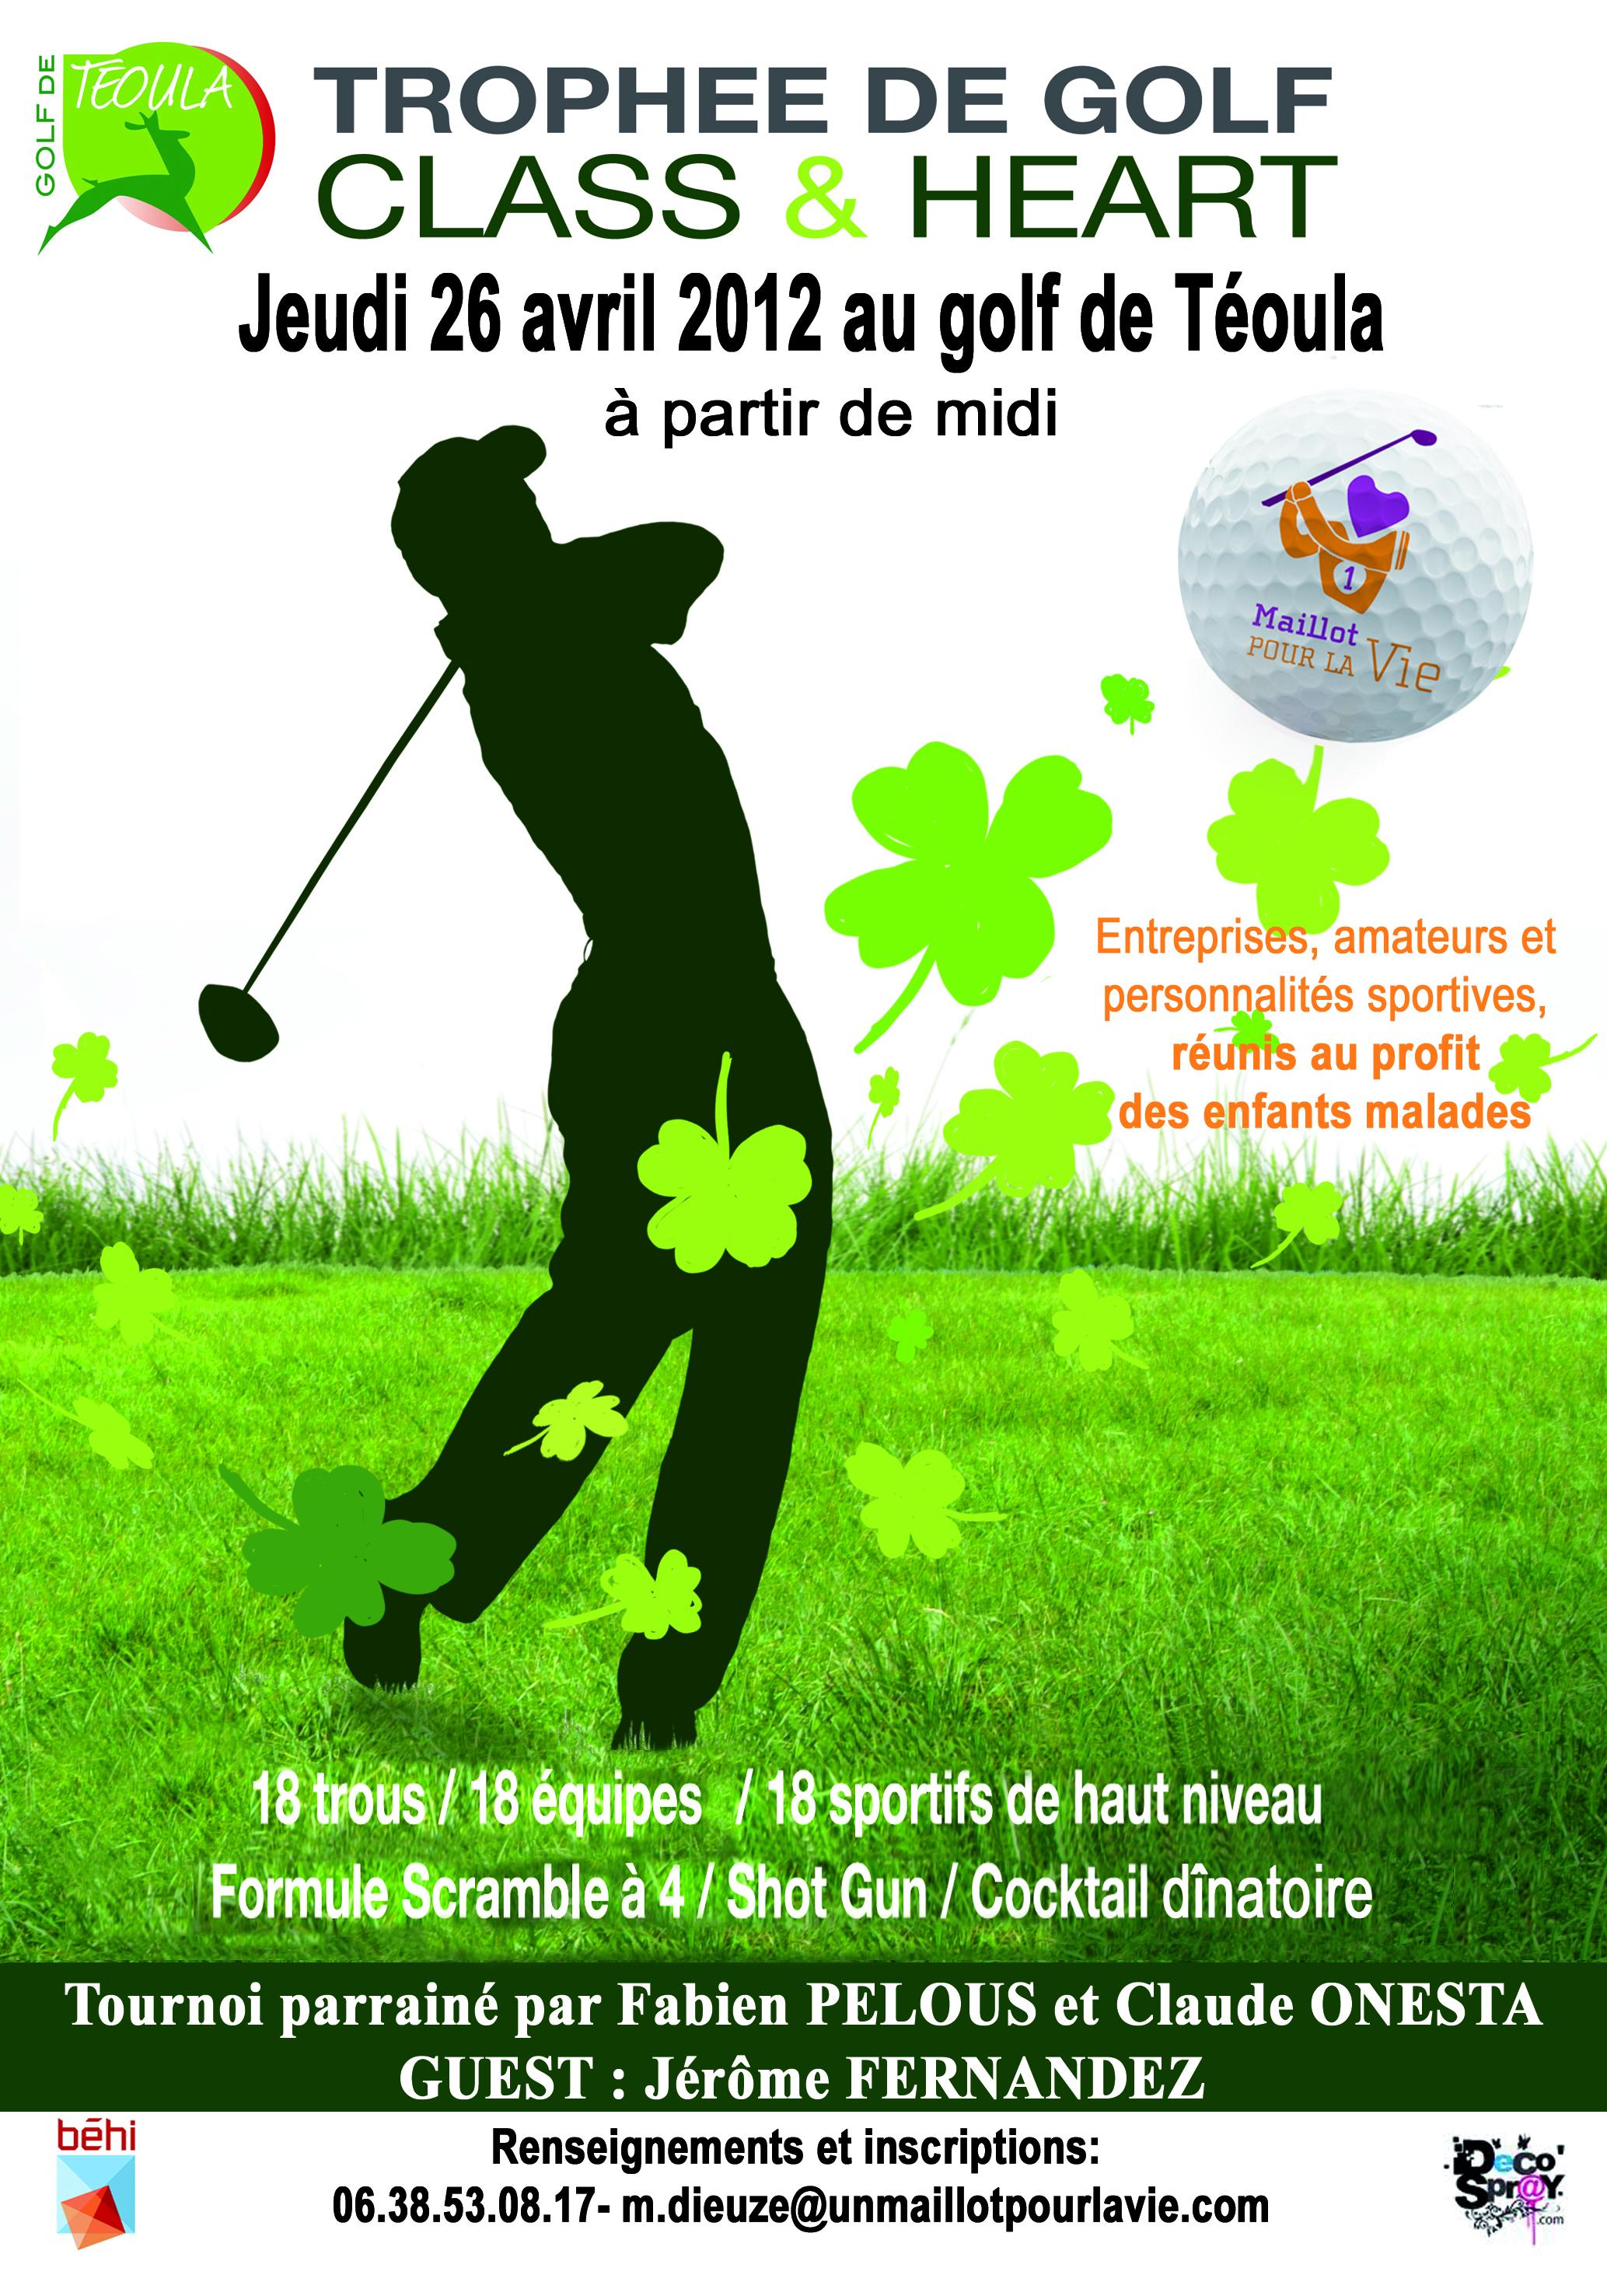 1 Maillot Pour la Vie organise son tournoi de golf à destination des entreprises